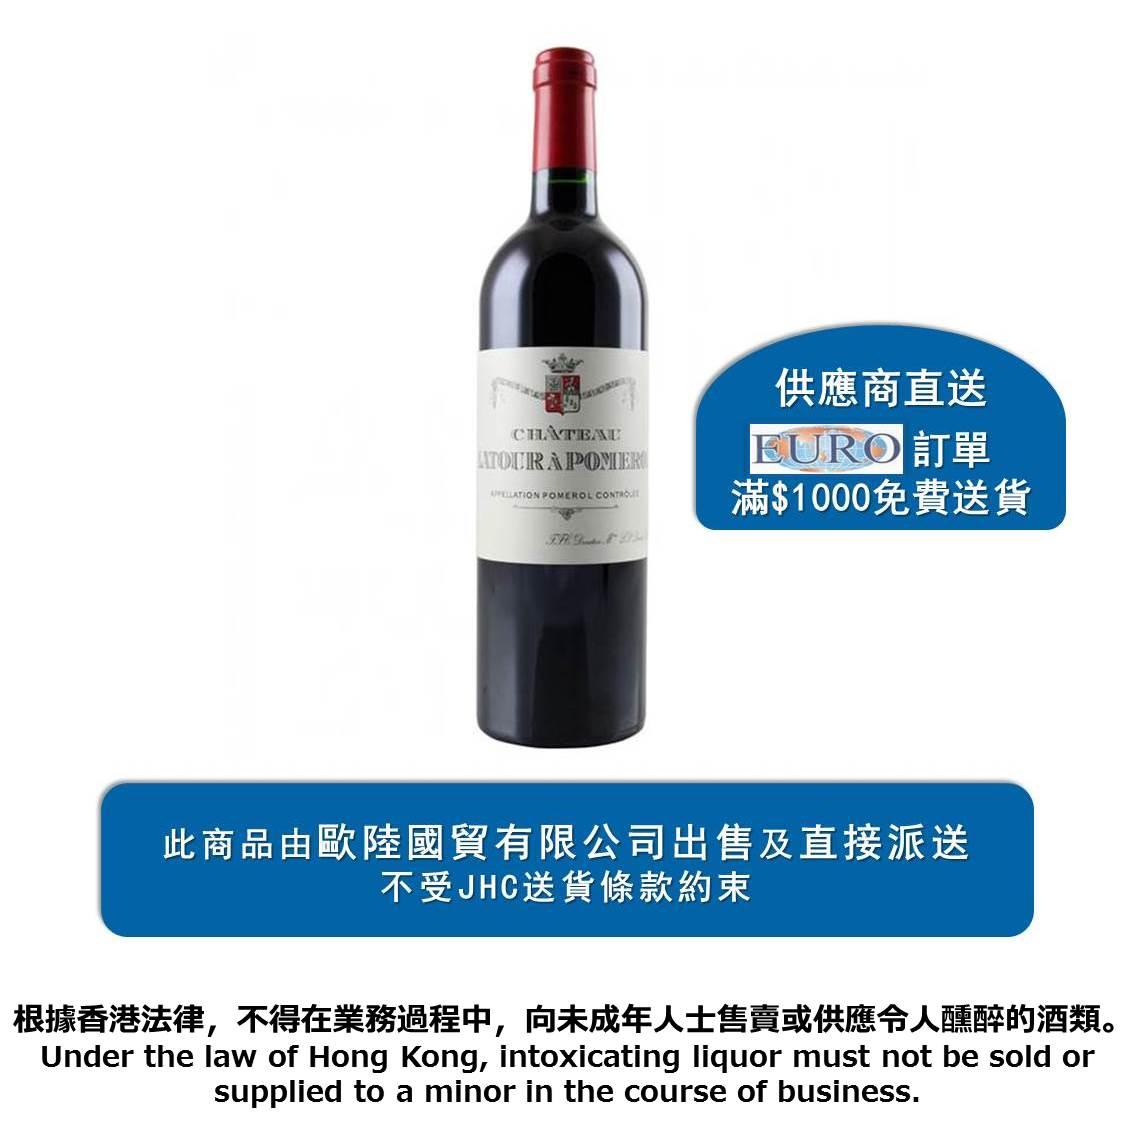 CH LATOUR A POMEROL葡萄酒 2009